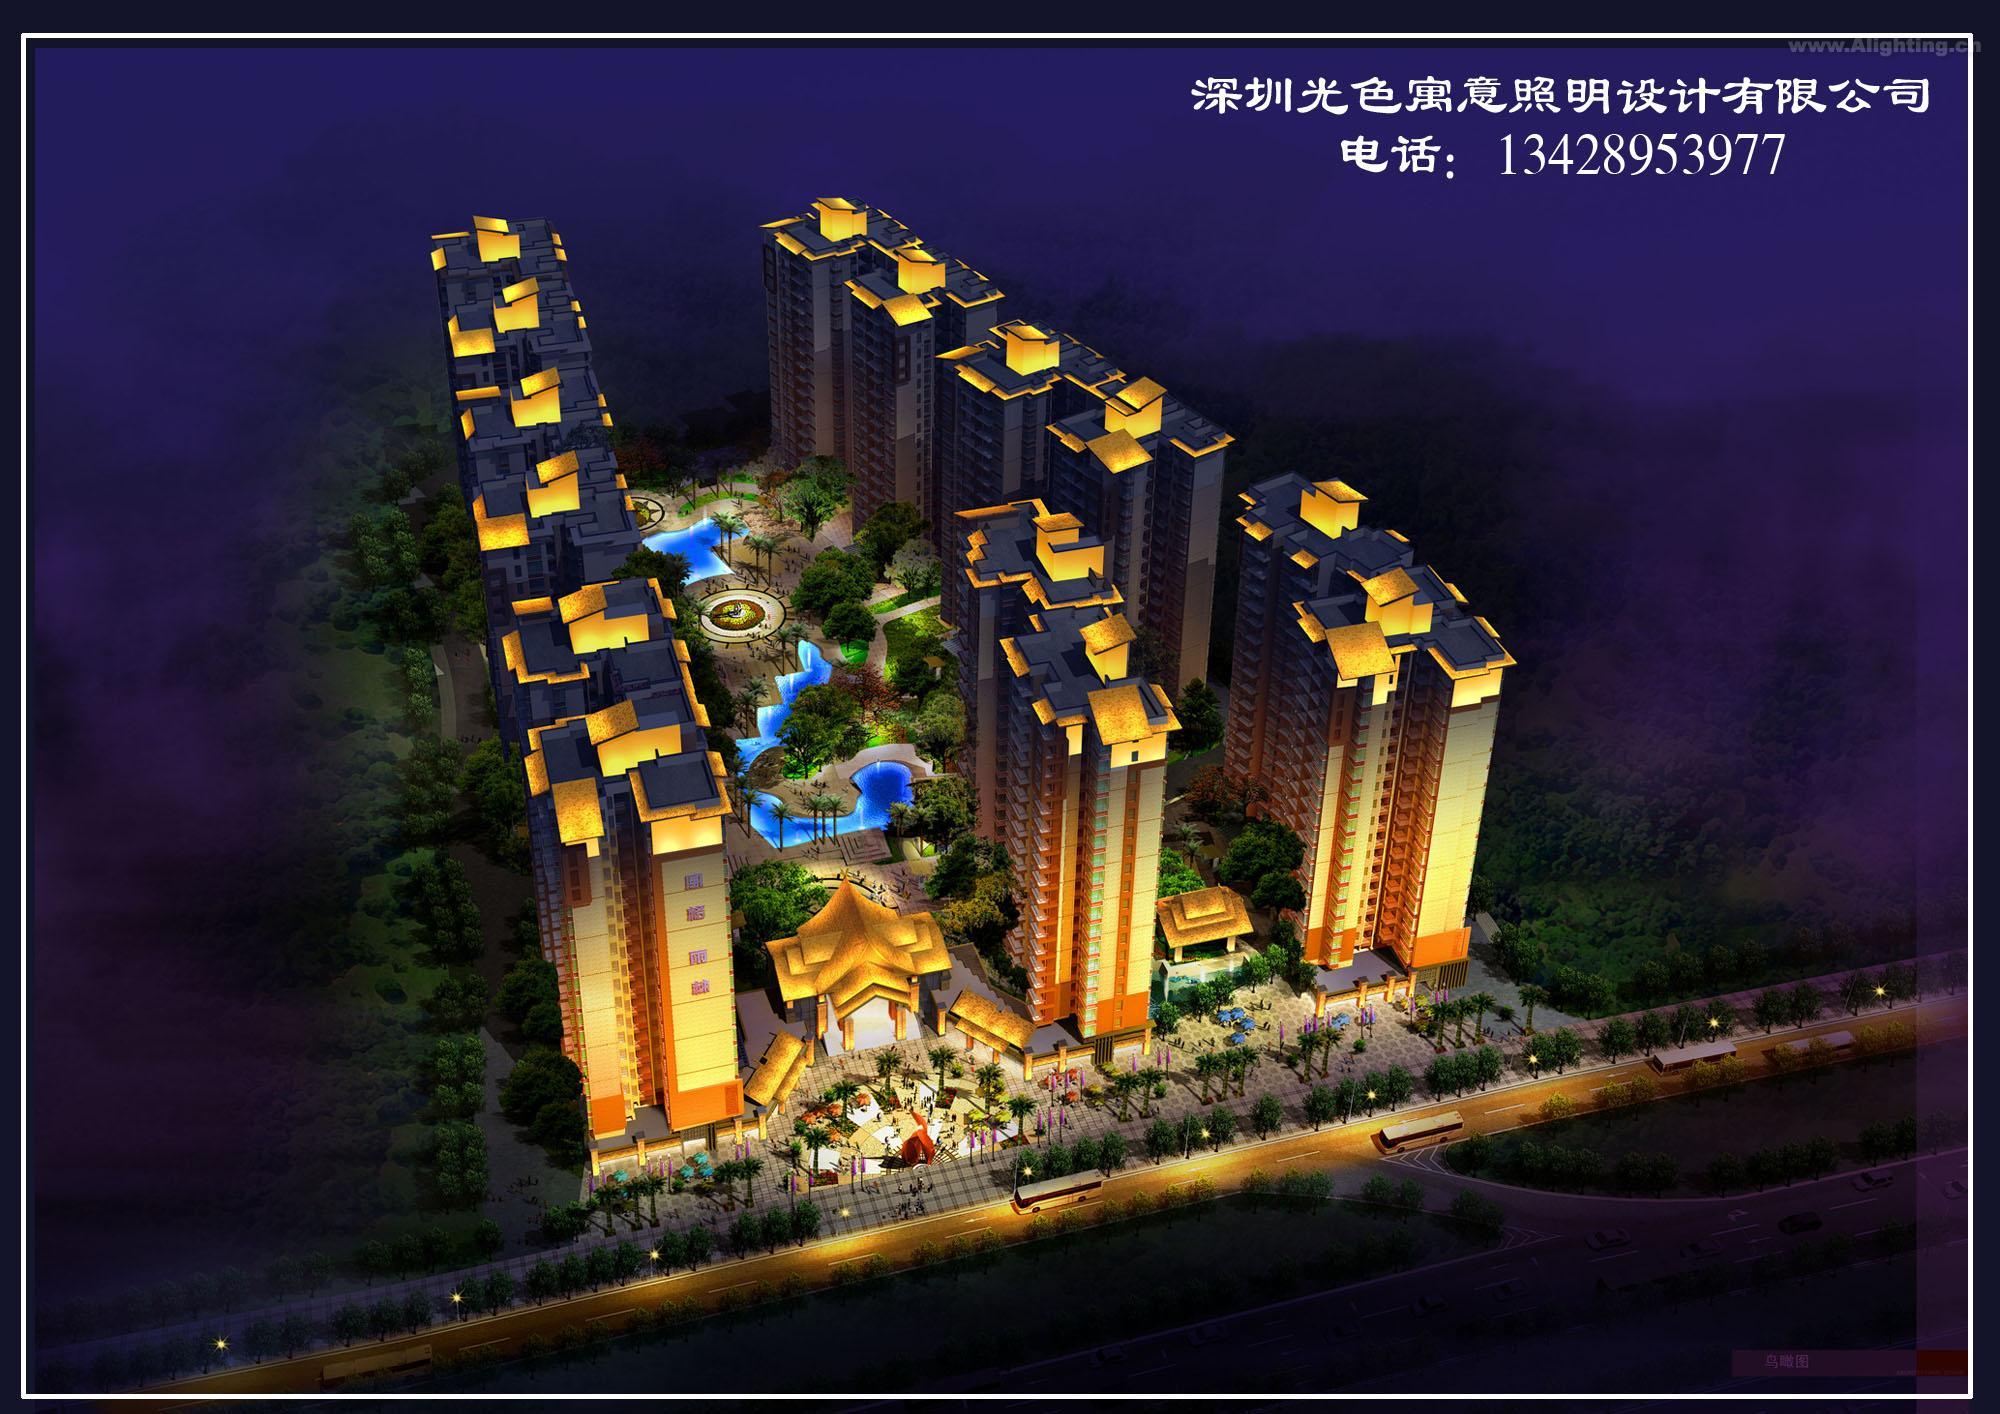 花园小区鸟瞰夜景效果图-深圳光色寓意照明设计有限